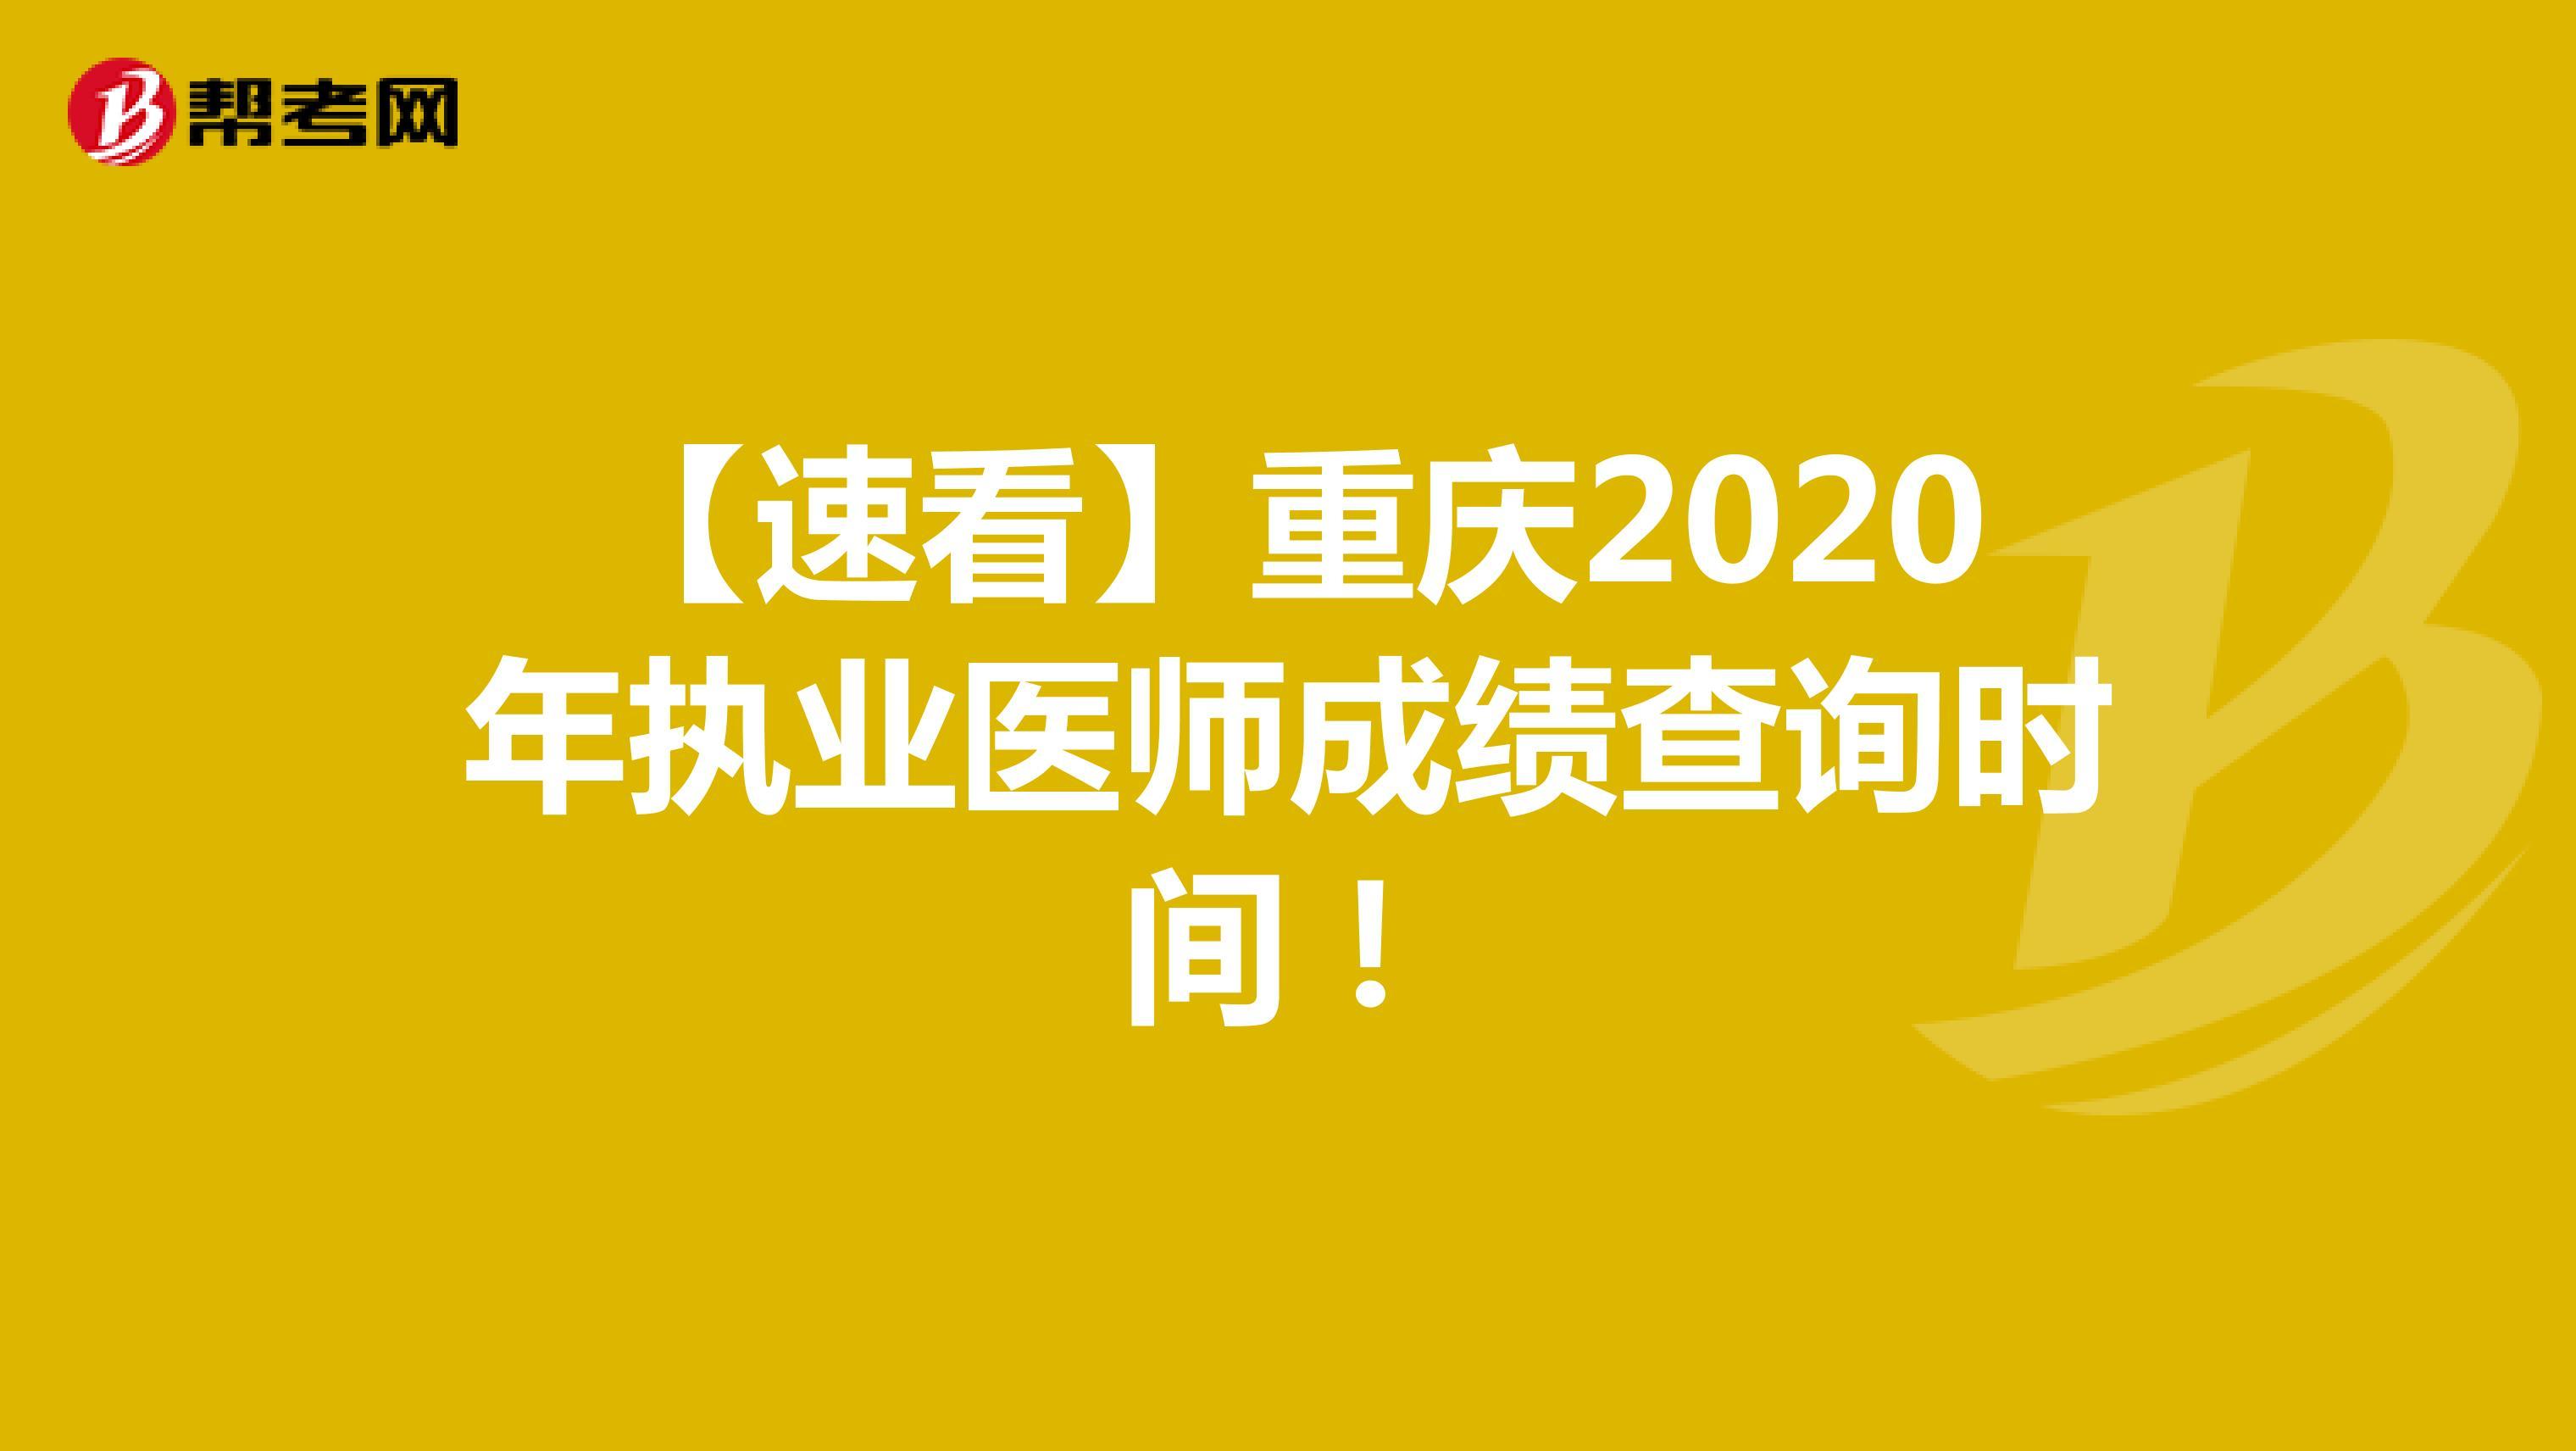 【速看】重庆2020年执业医师成绩查询时间!